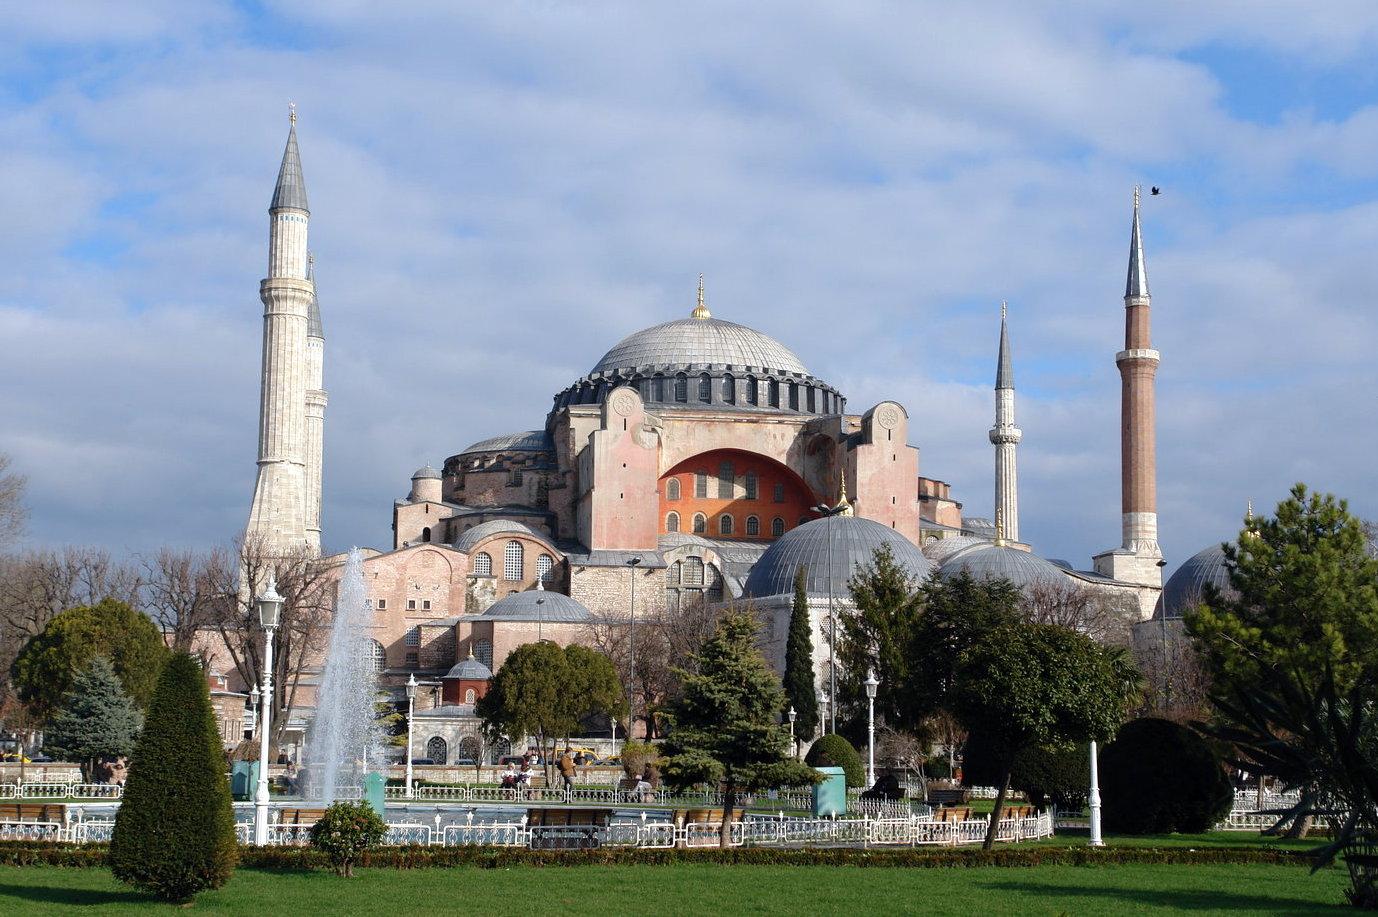 Ayasofya camisi: Gizlədilmiş həqiqətlər – Məscidin ibadətə bağlanması üçün Atatürkün imzası necə saxtalaşdırıldı – Azər Hüseynovun yazısı